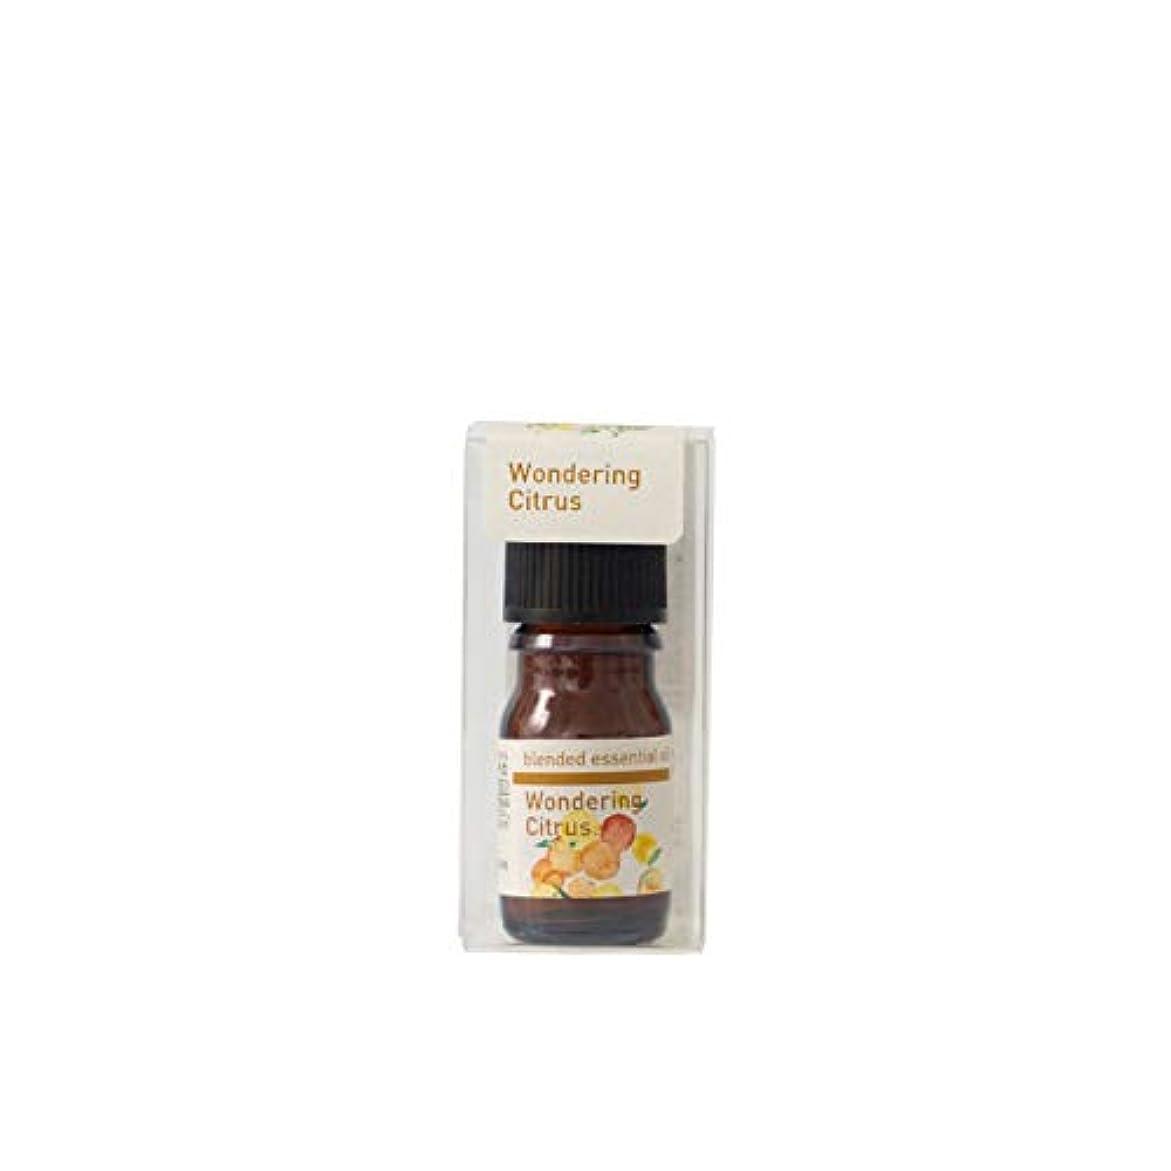 生活の木 ブレンドエッセンシャルオイル ワンダリングシトラス 5ml